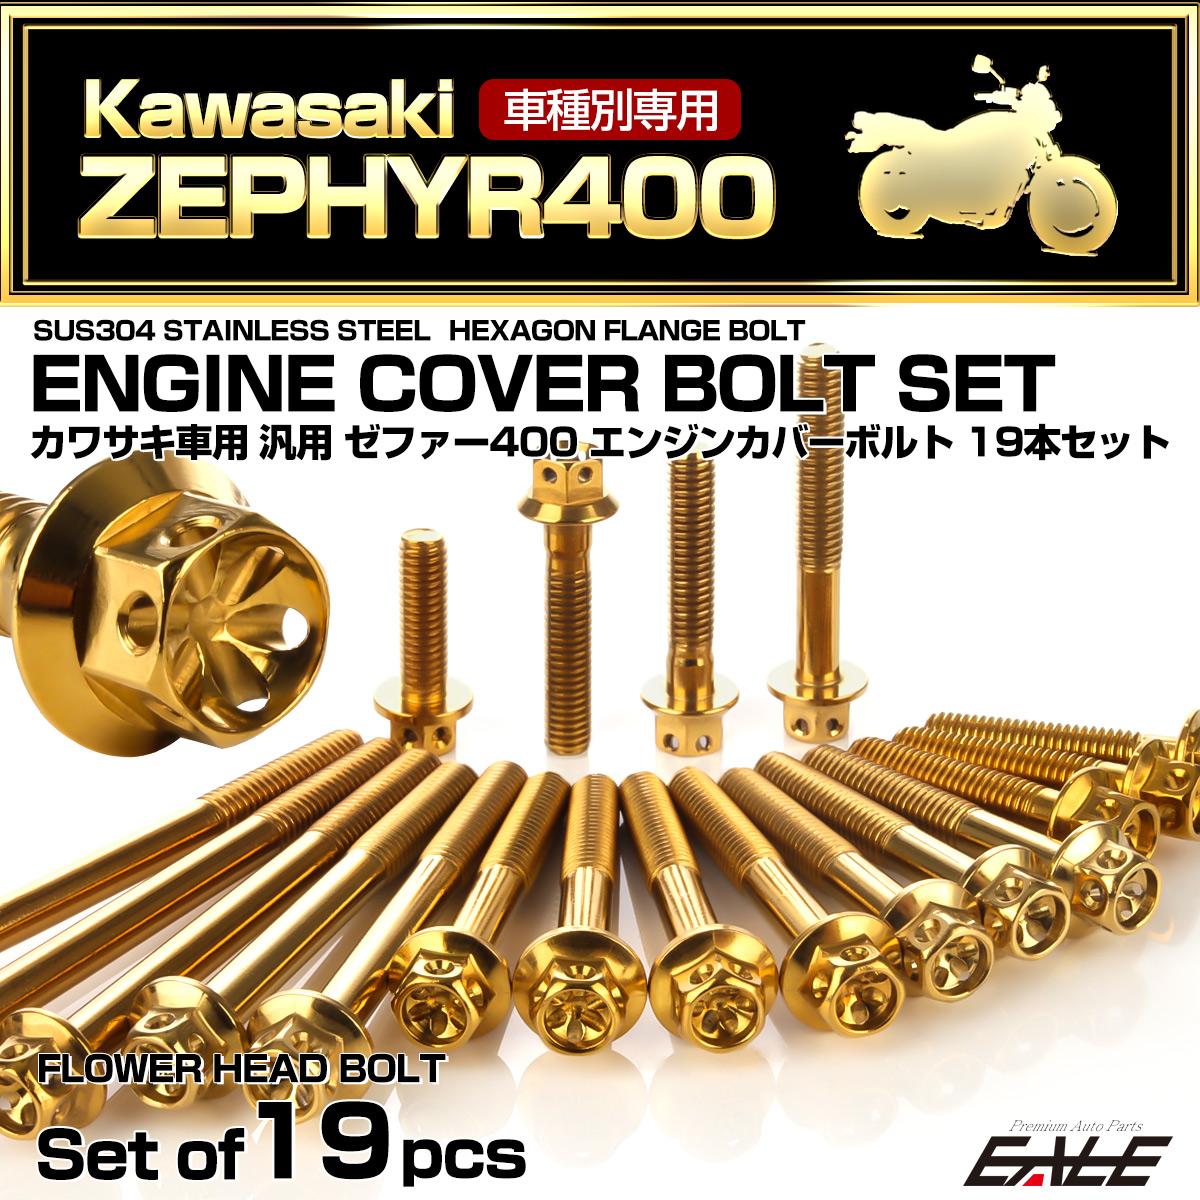 ゼファー400 エンジンカバーボルト 19本セット カワサキ車用 ZEPHYR400 フラワーヘッド ゴールド TB8124